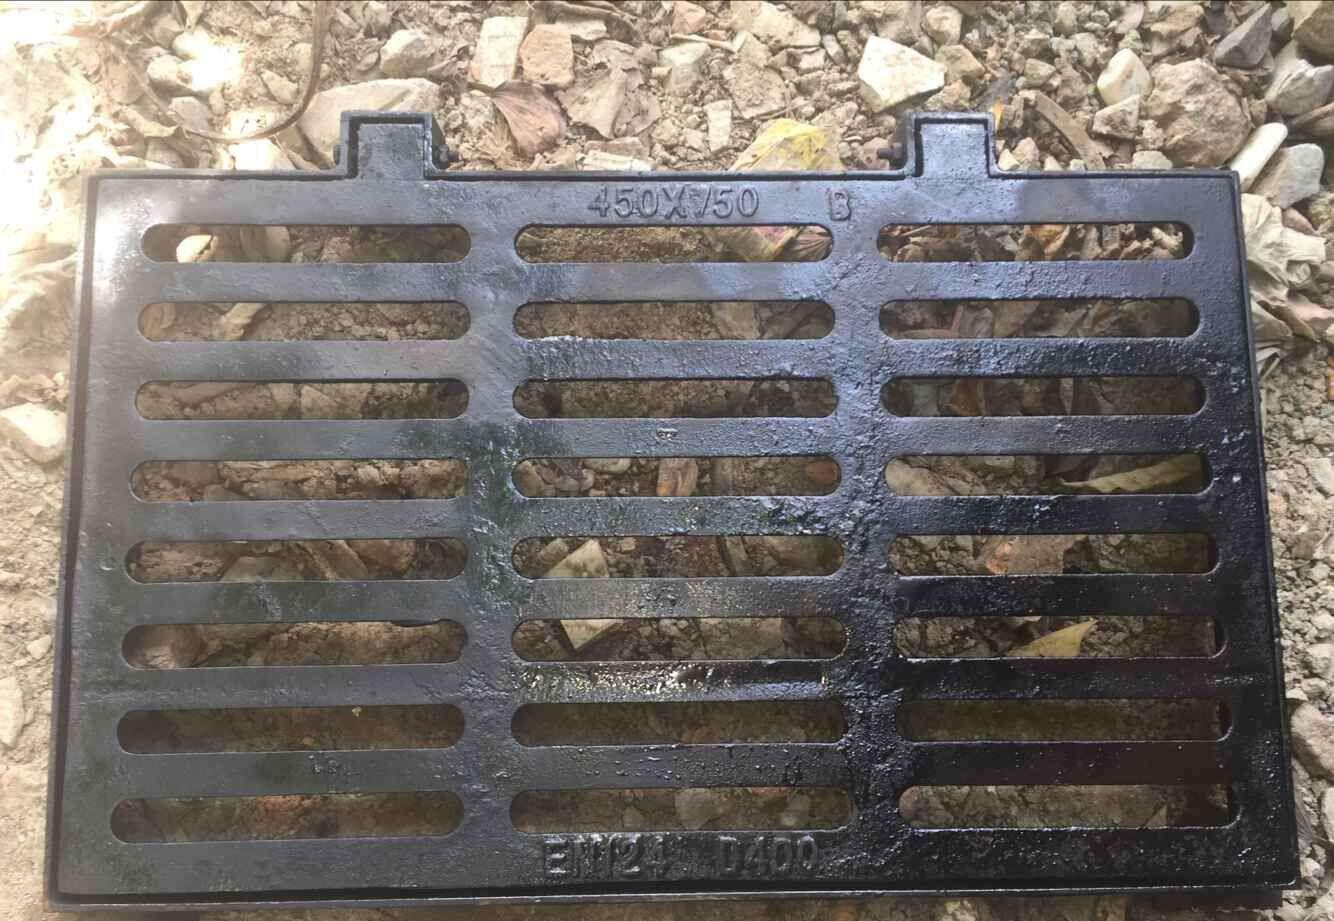 球墨铸铁井盖的轻型、重型的划分标准及依据建材网